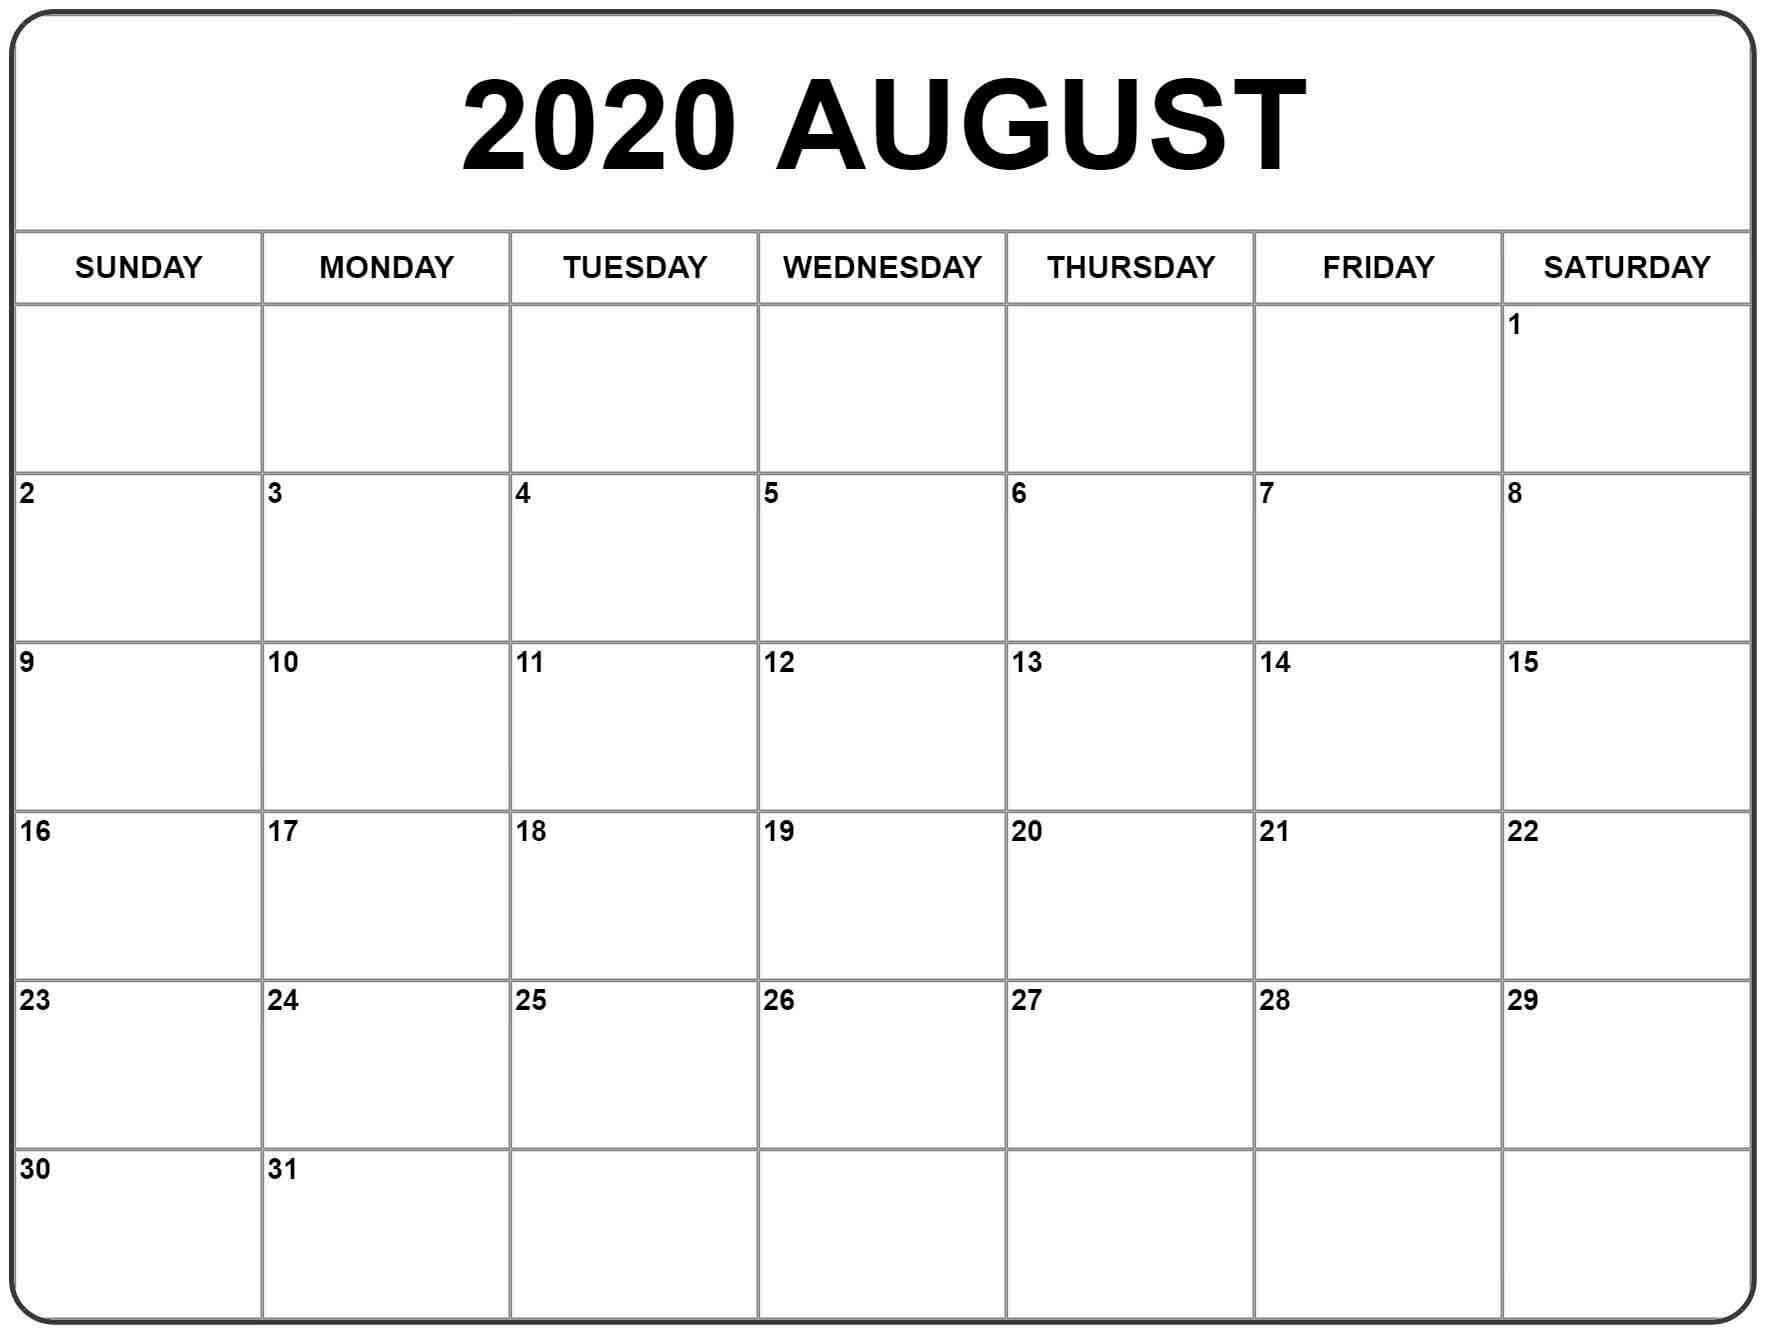 August 2020 Calendar Template For Kids